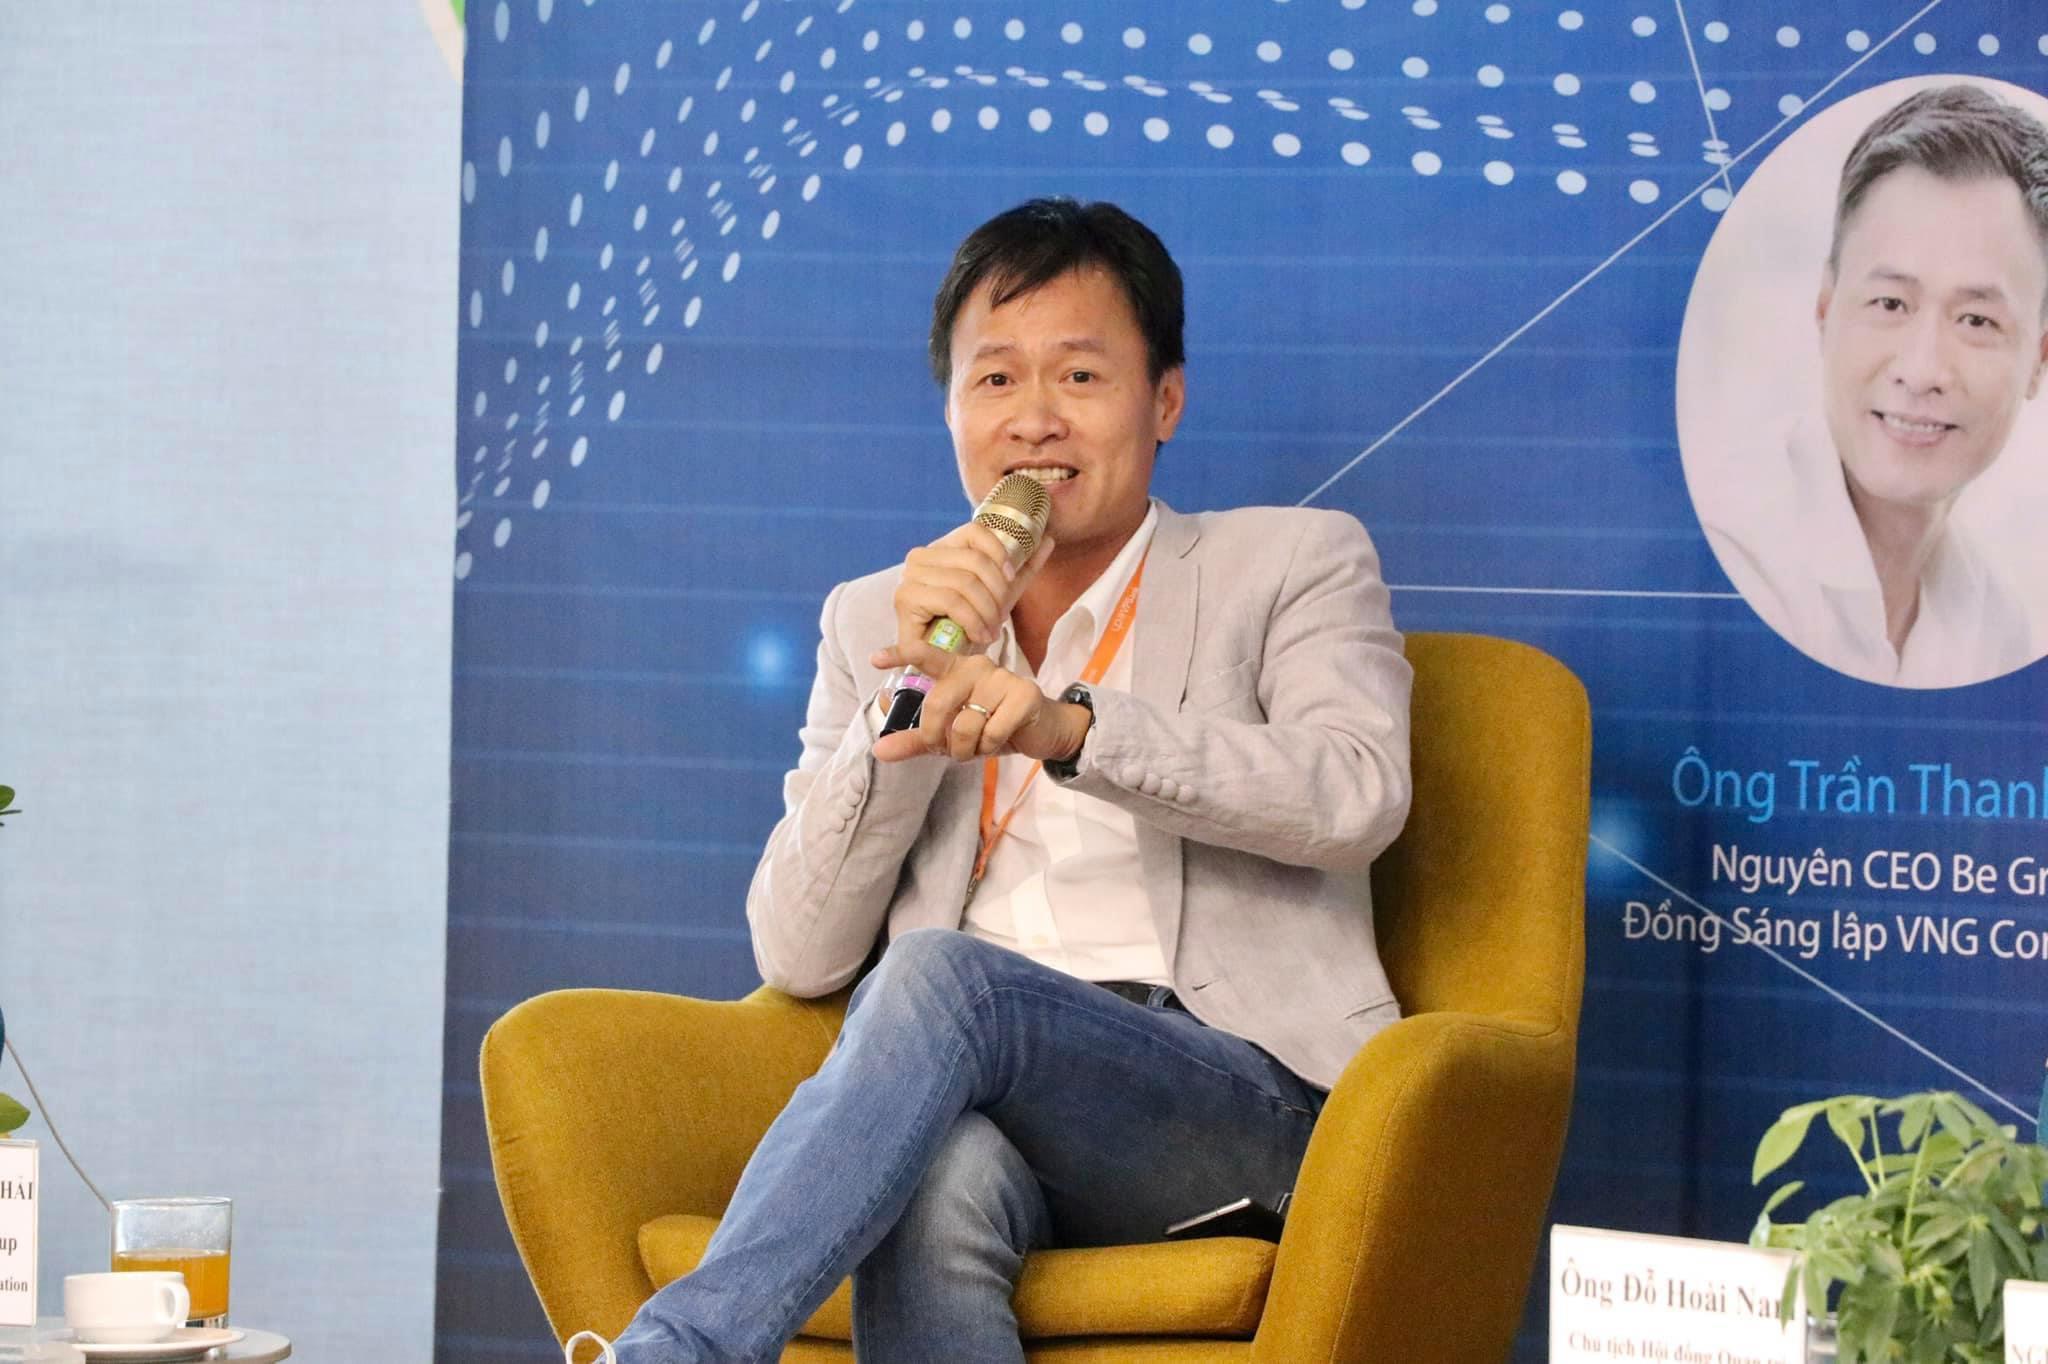 Cựu CEO của Be Group: Hình thức của hợp tác xã vận tải gần như để trốn thuế